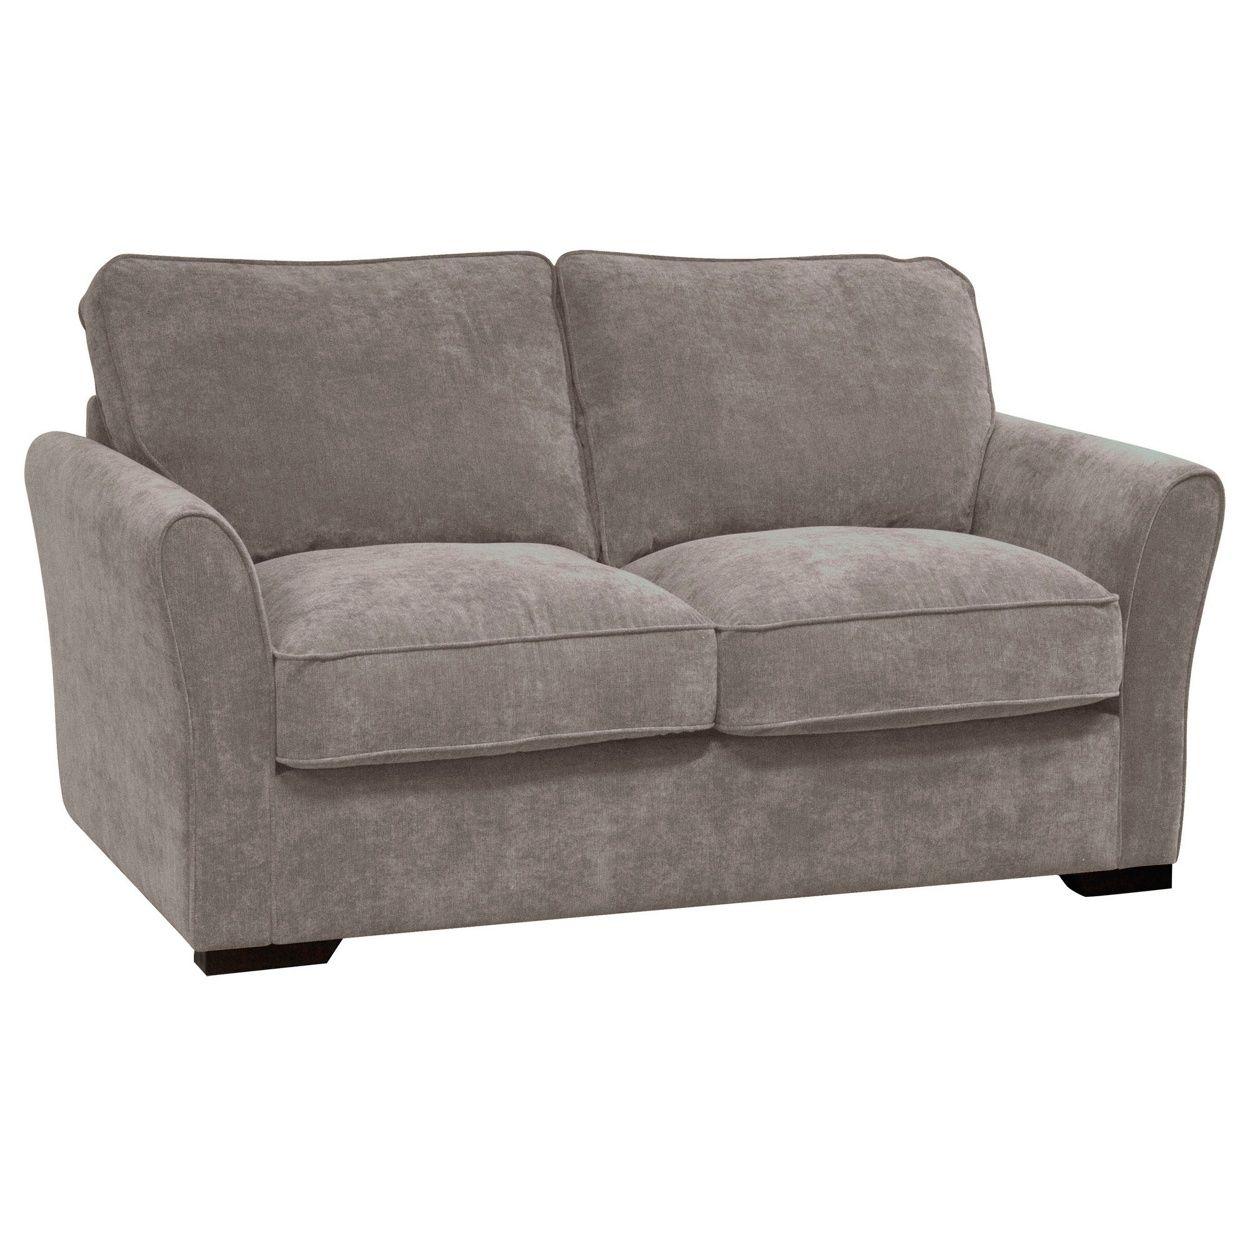 Debenhams Grey Fyfield Sofa Bed With Dark Wood Feet At